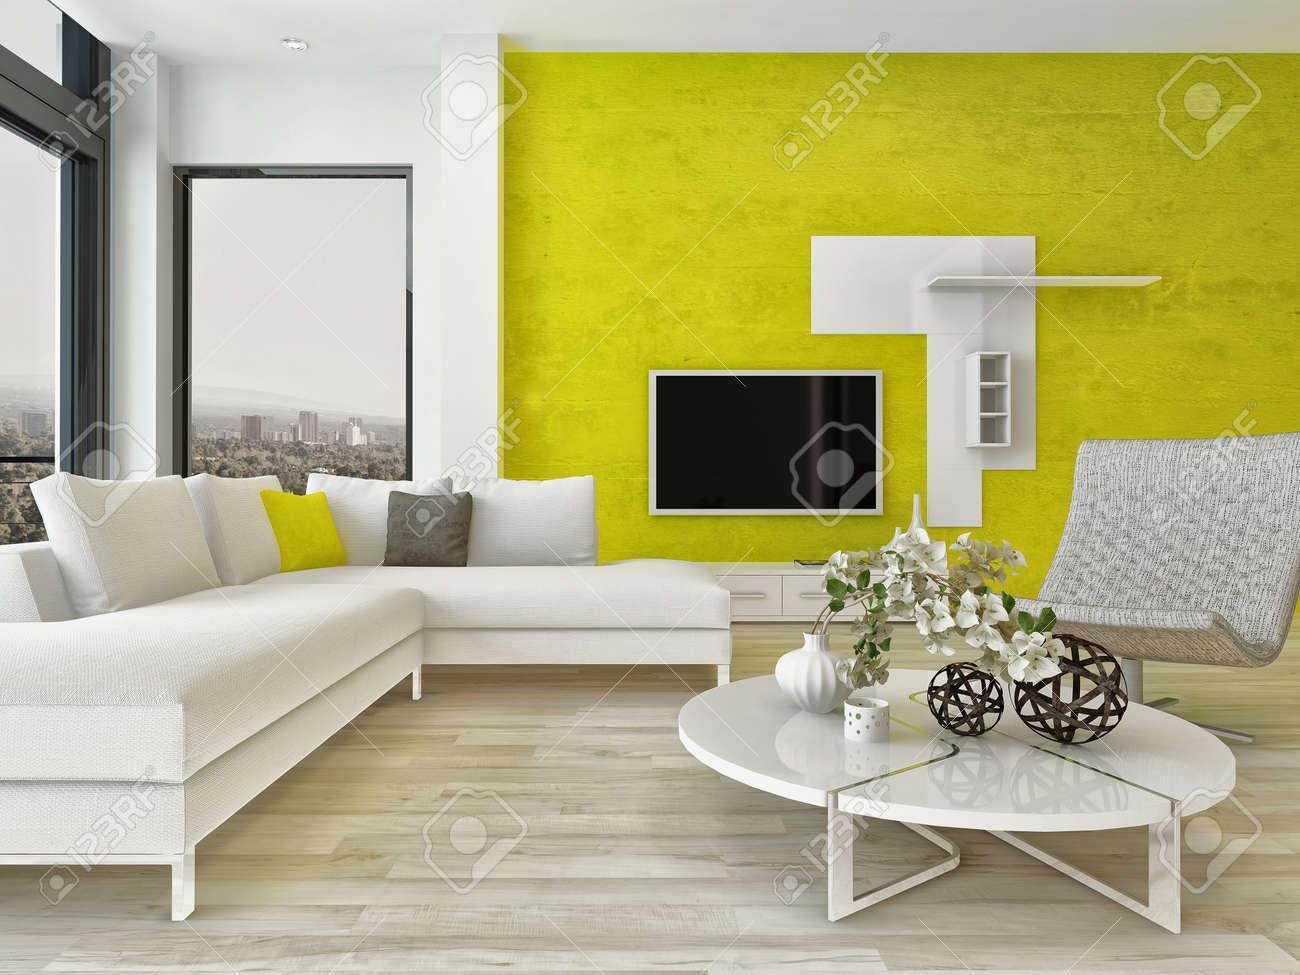 100+ [ mobili moderni salotto ] | tavolini moderni da salotto per ... - Colore Pareti Soggiorno Mobili Bianchi